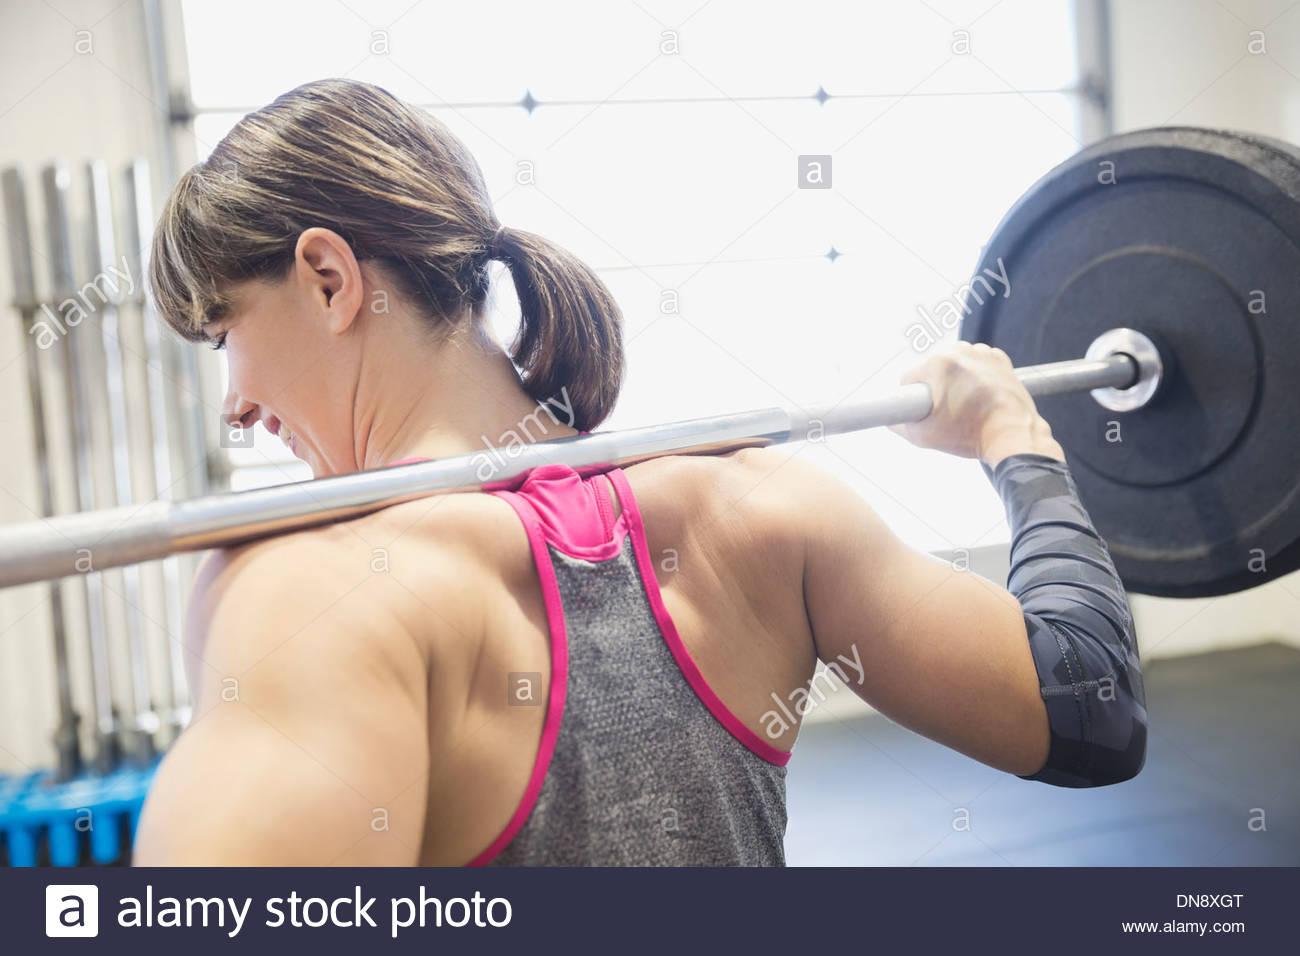 Frau stehend mit Langhantel auf den Schultern Stockbild